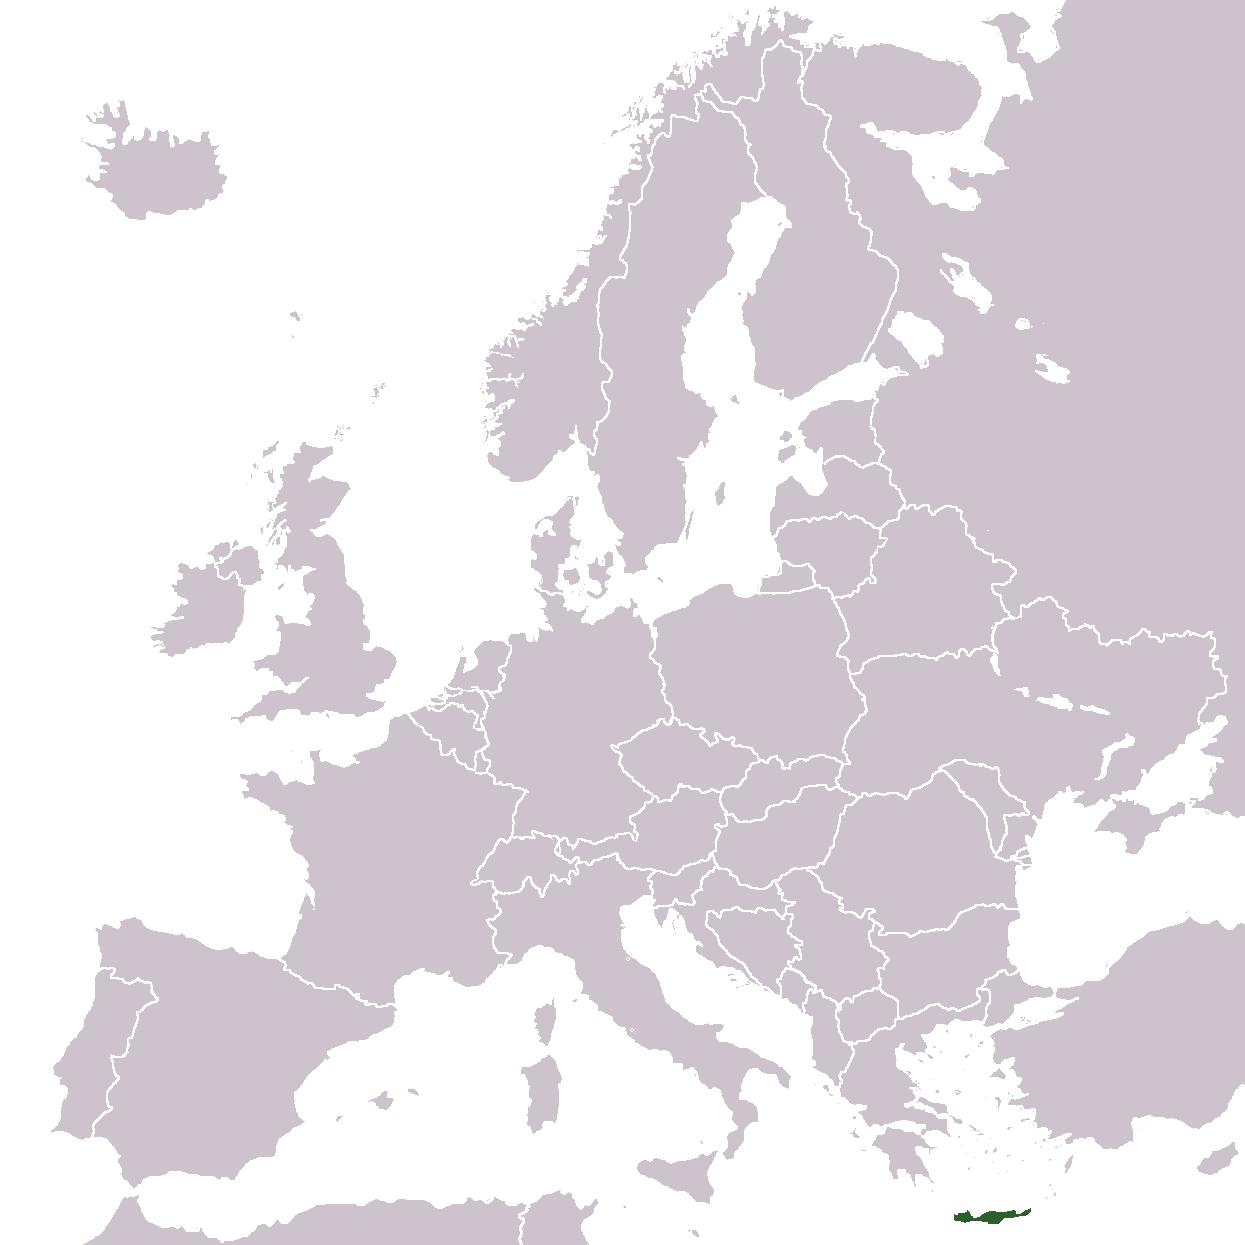 politika seznamování námořních sborů janine gutierrez datování